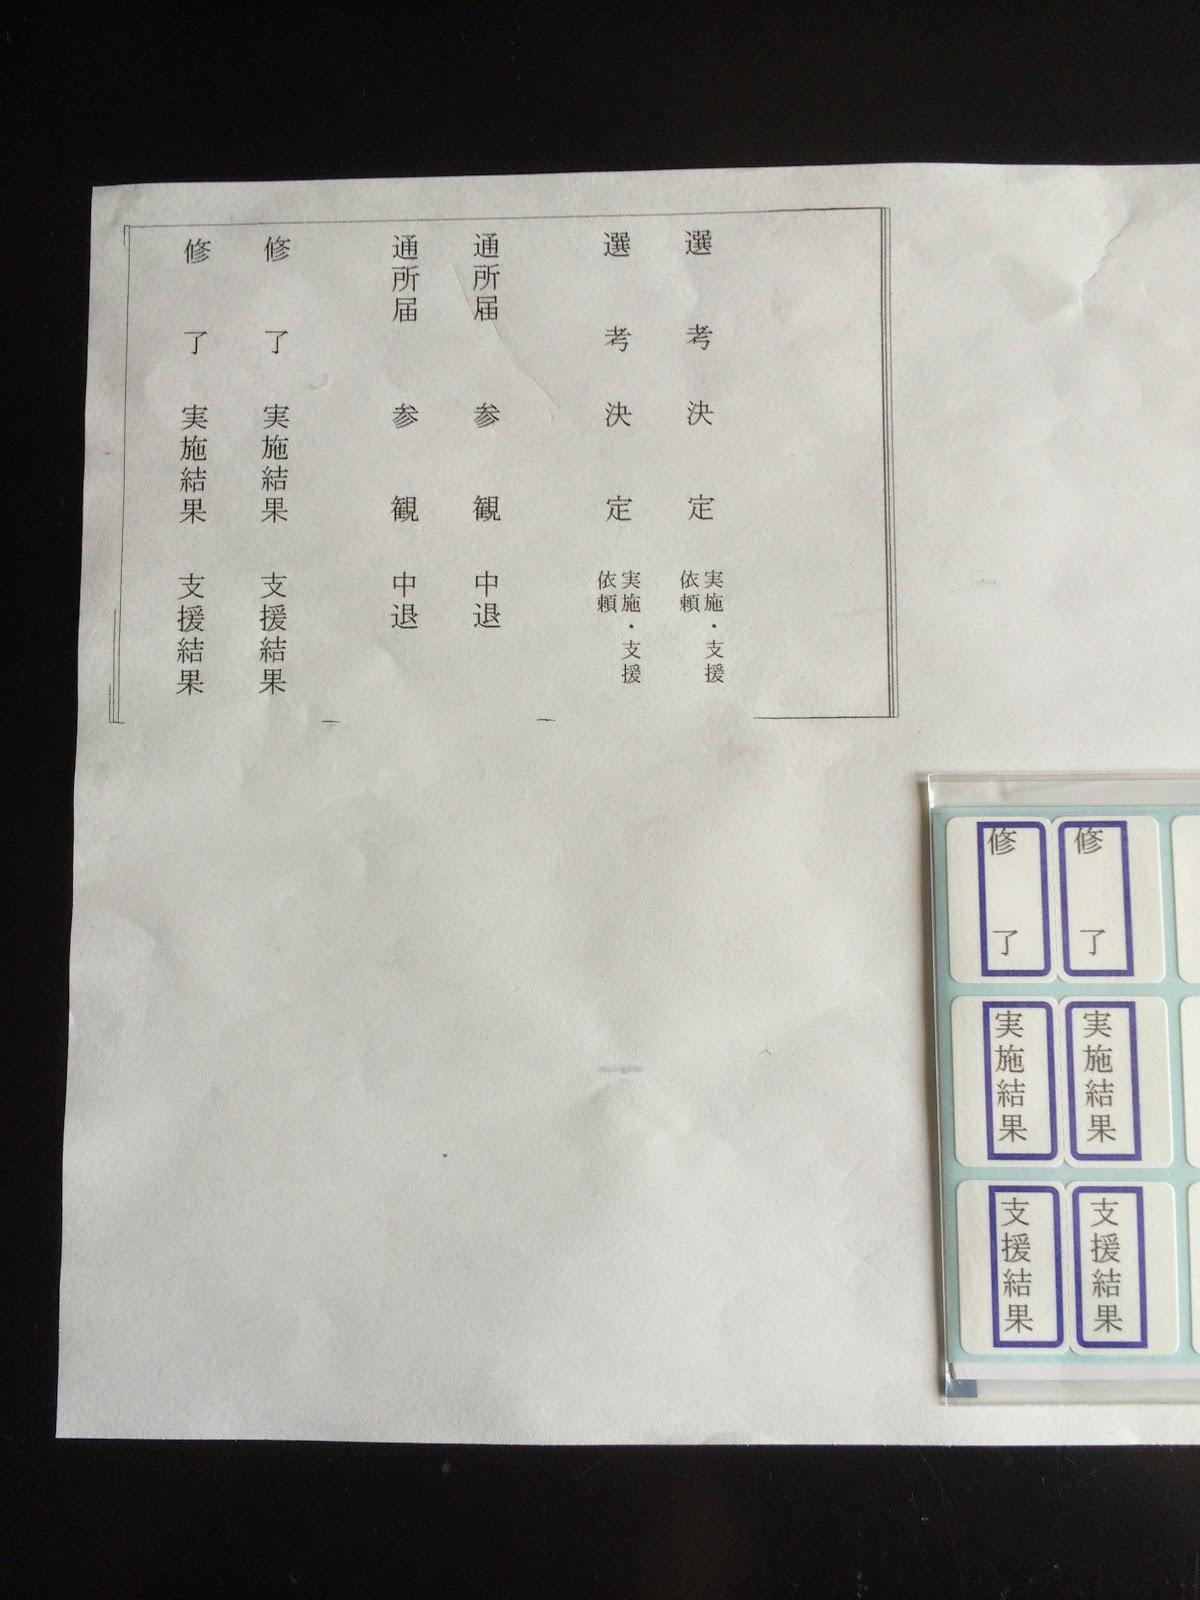 インデックス 印刷 エクセル コクヨ